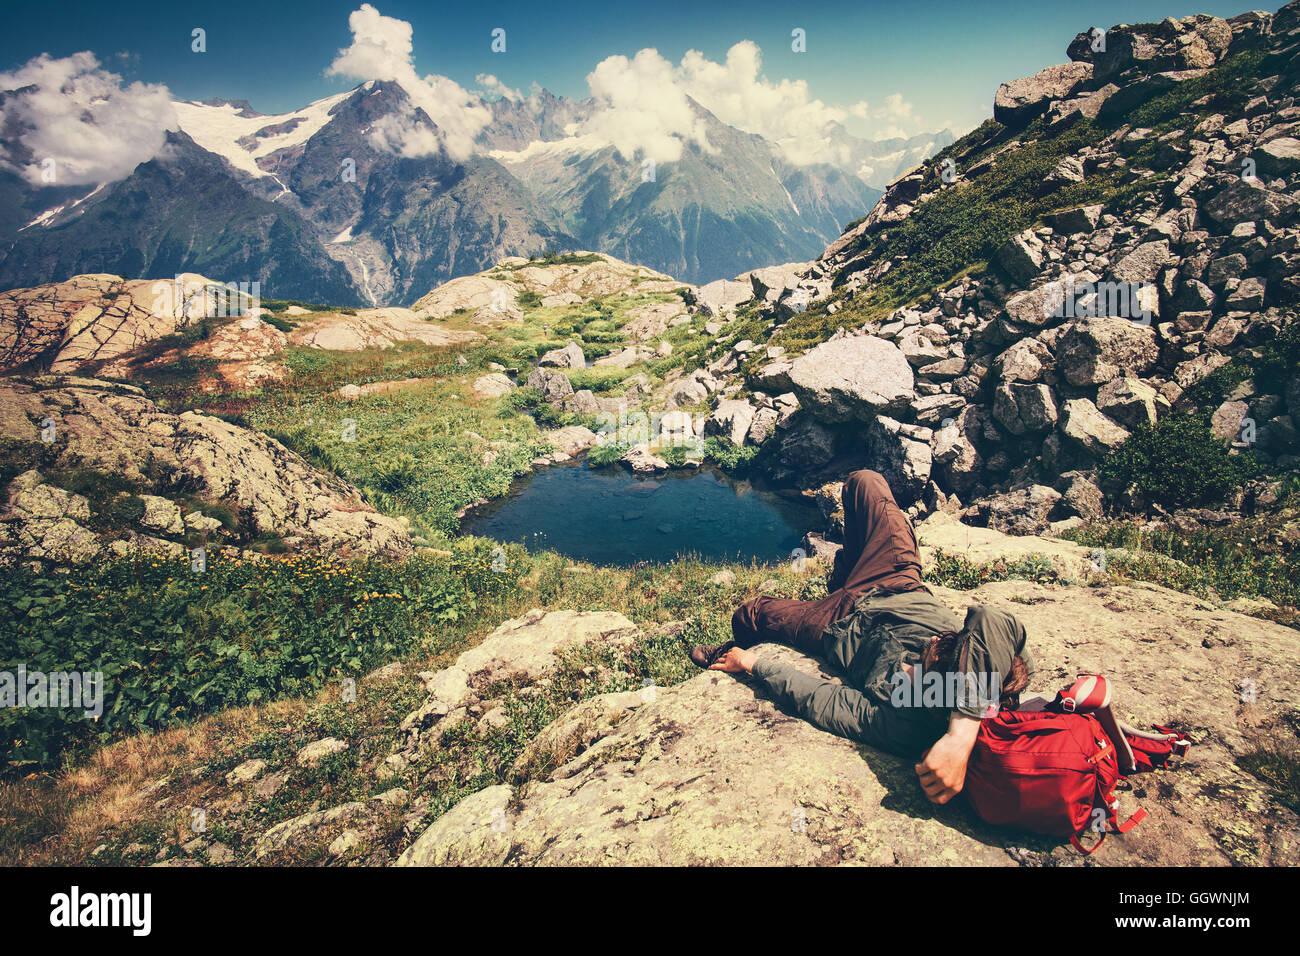 Hombre viajero sentando relajante viaje con mochila concepto de estilo de vida sereno paisaje de las montañas Imagen De Stock